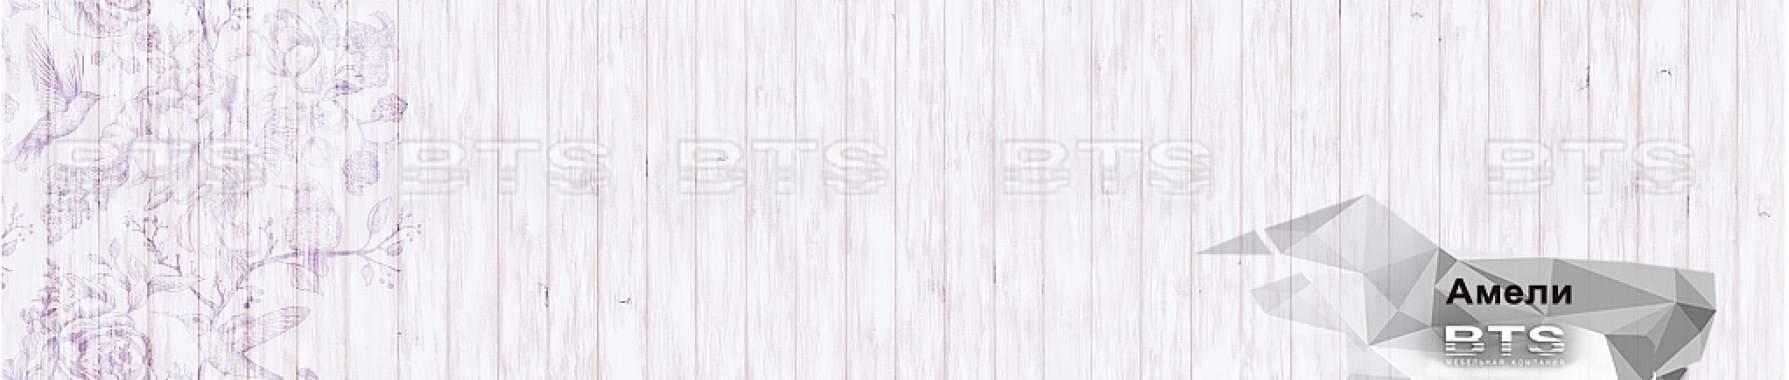 Стеновая панель BTS №6 Амели 2,8 м